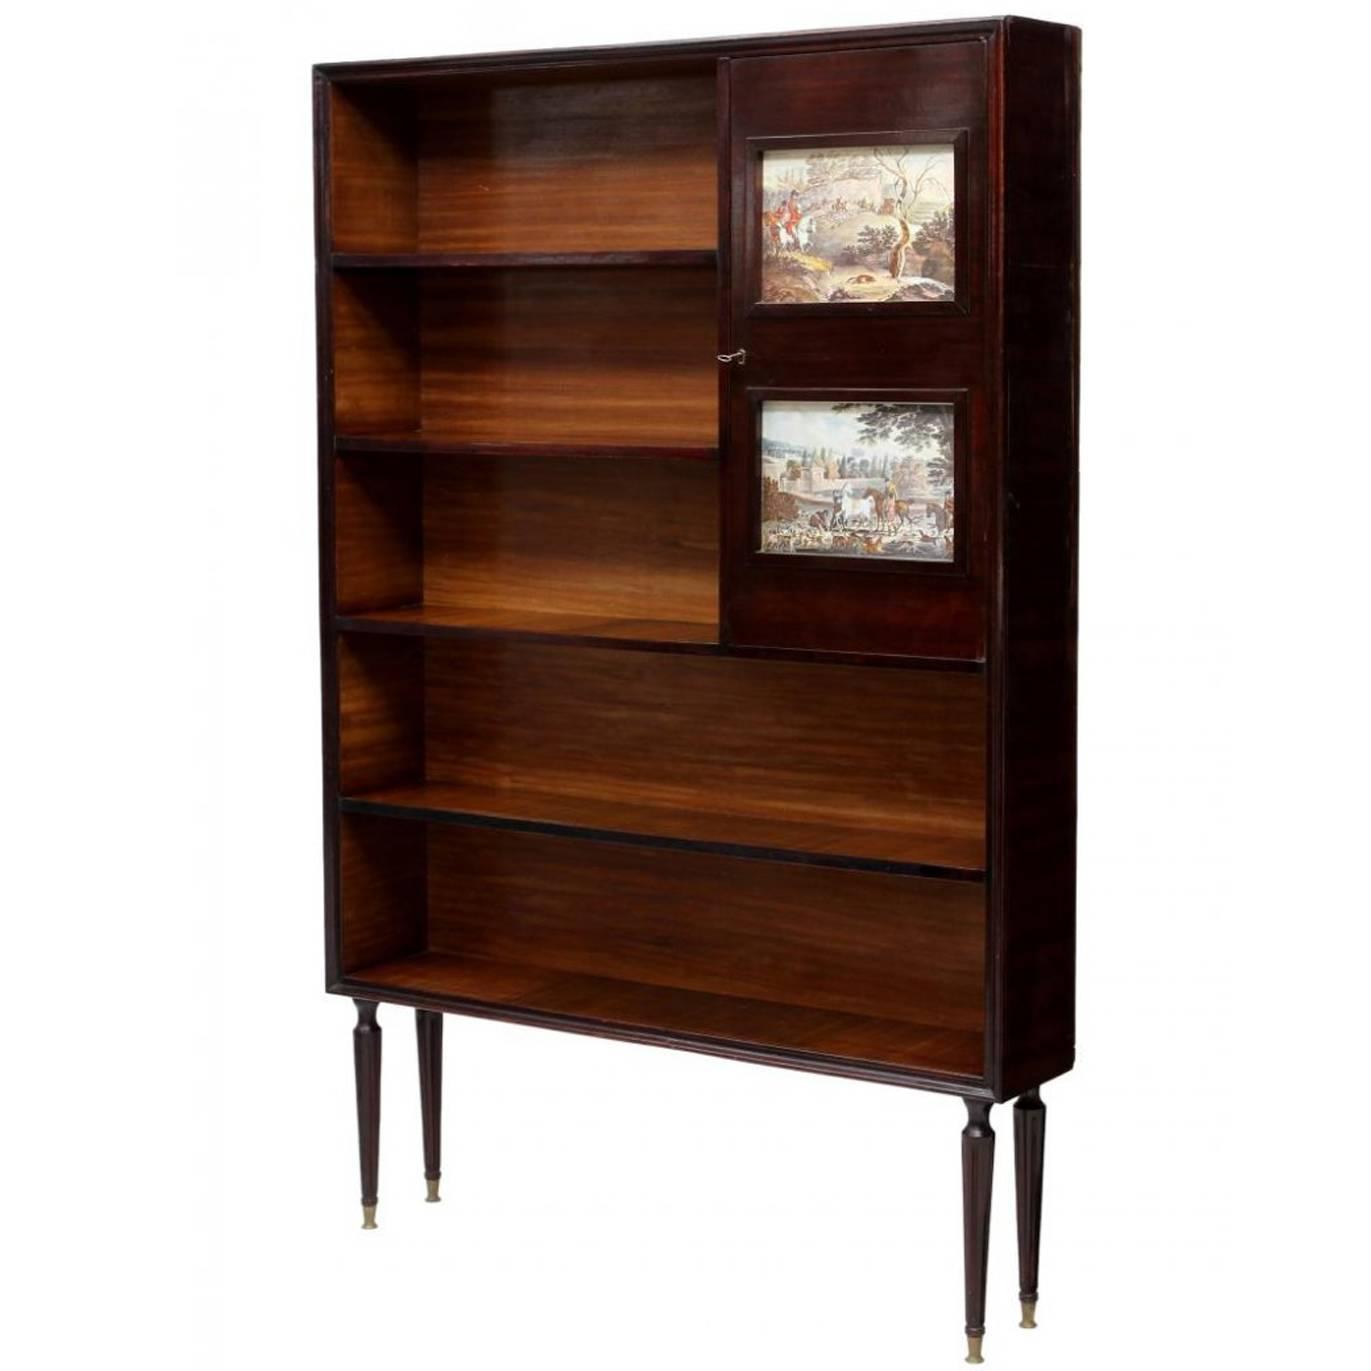 Italian Mid-Century Modern Bookcase at 1stdibs